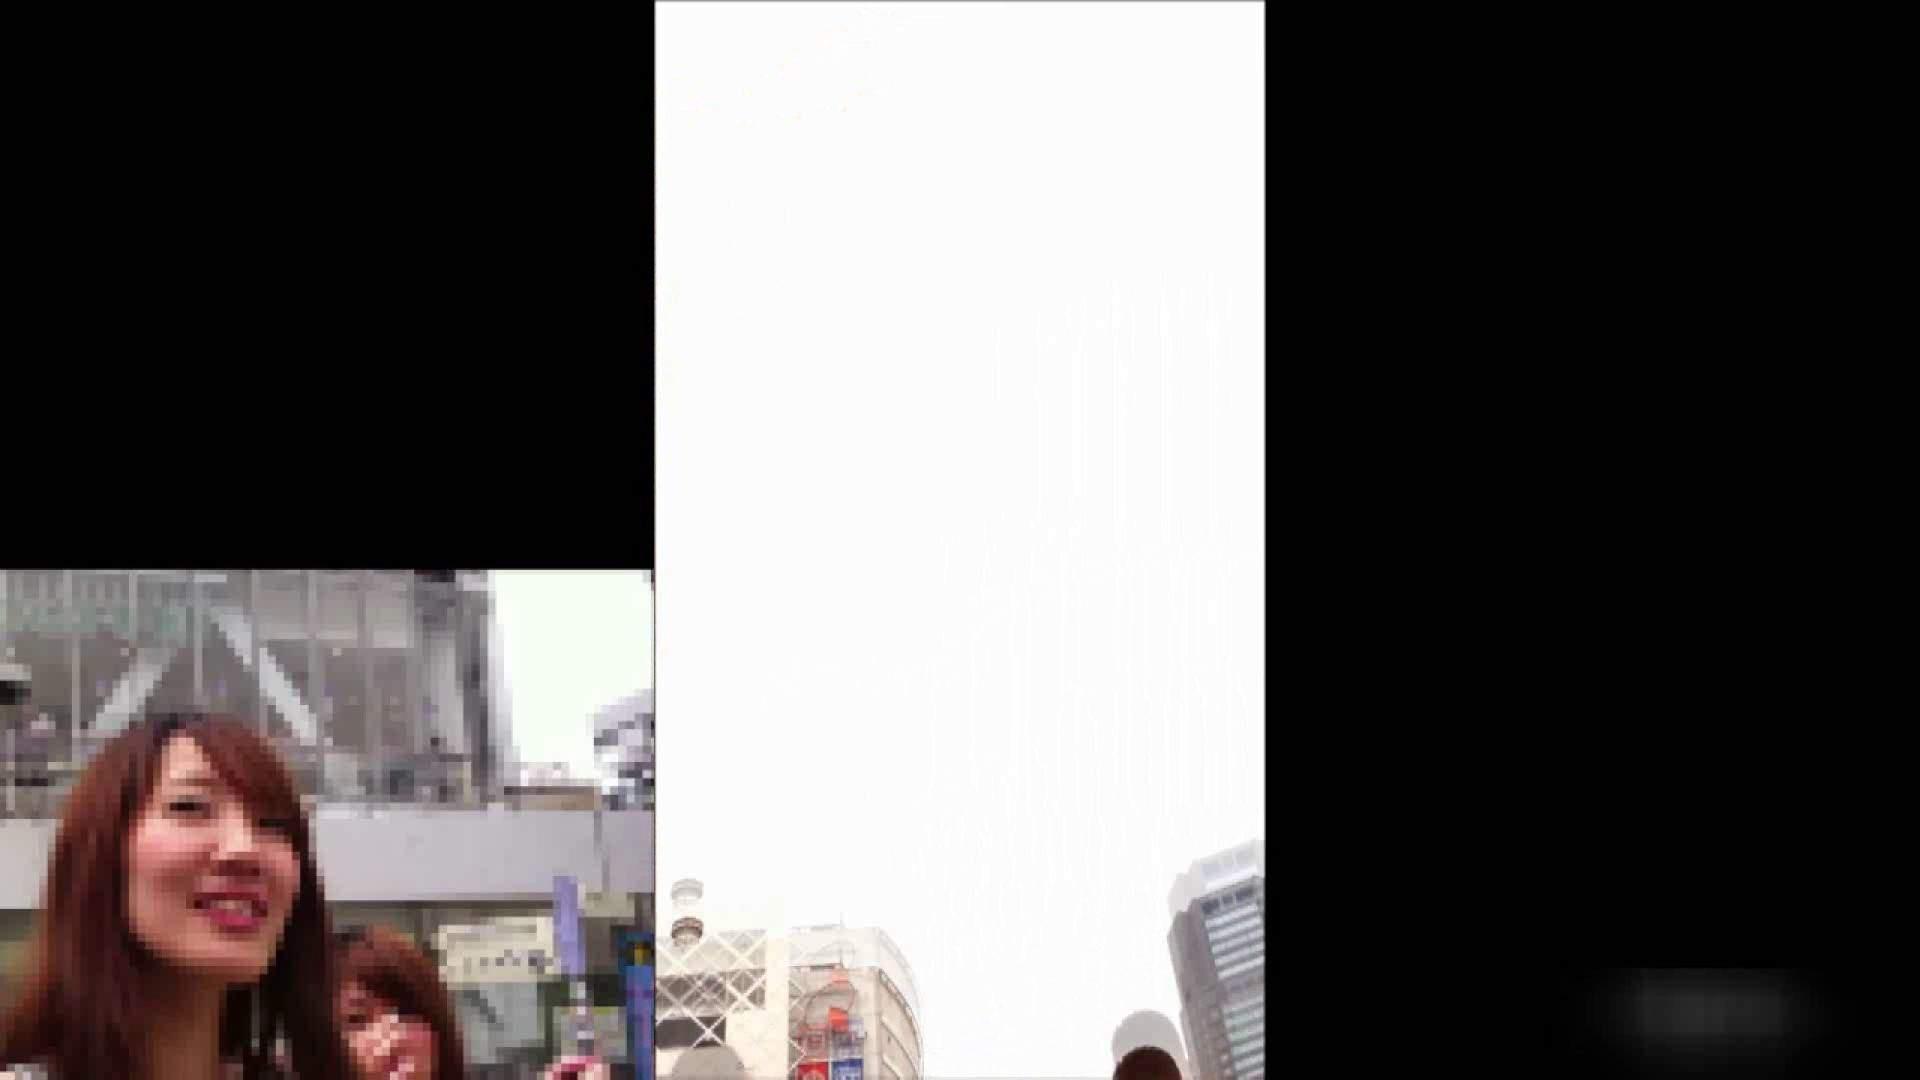 ガールズパンチラストリートビューVol.002 新入生パンチラ   チラ歓迎  86pic 41